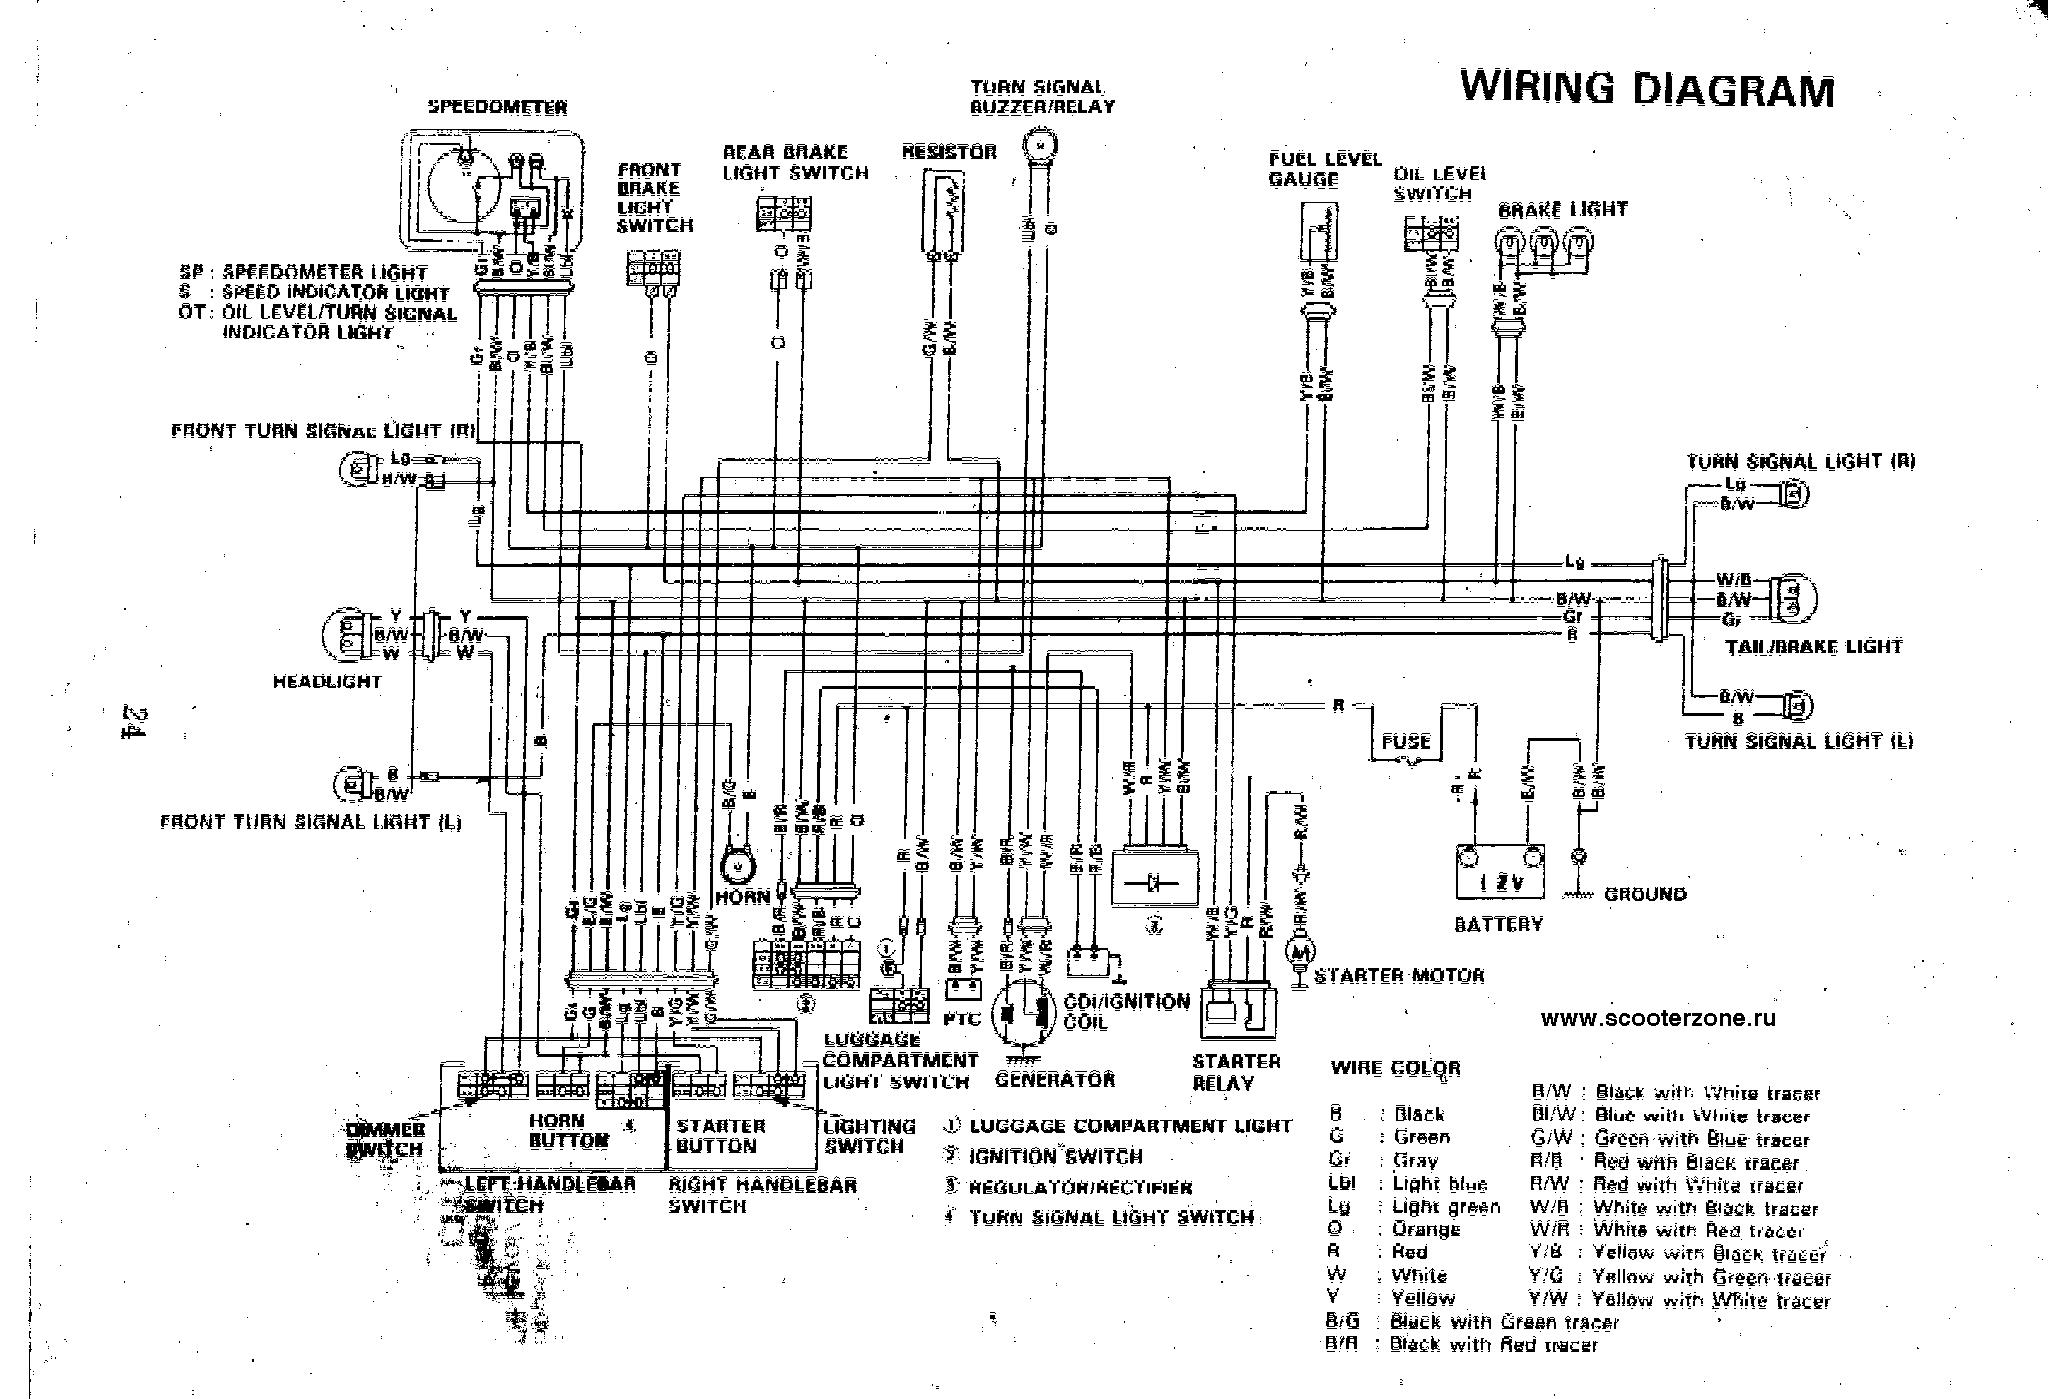 Exciting Suzuki Gn 125 Wiring Diagram Photos - Best Image Schematics ...